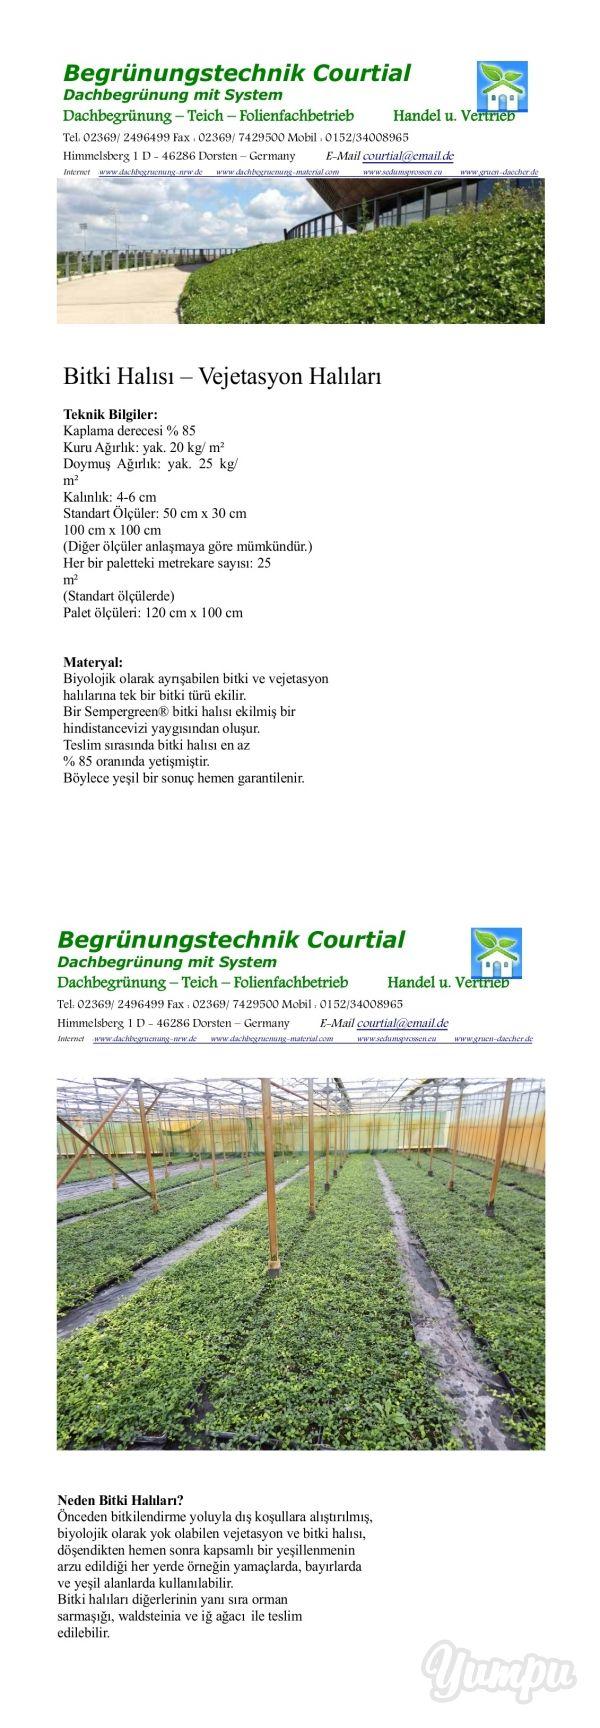 Bitki Halısı – Vejetasyon Halıları - Magazine with 3 pages: Çatı Yeşillendirmesi - Damkoruğu Yabani Çiçek Halısı - Baharatlı Bitki Halısı   İç ve Dış Mekanlarda Cephe Yeşillendirme Sistemleri